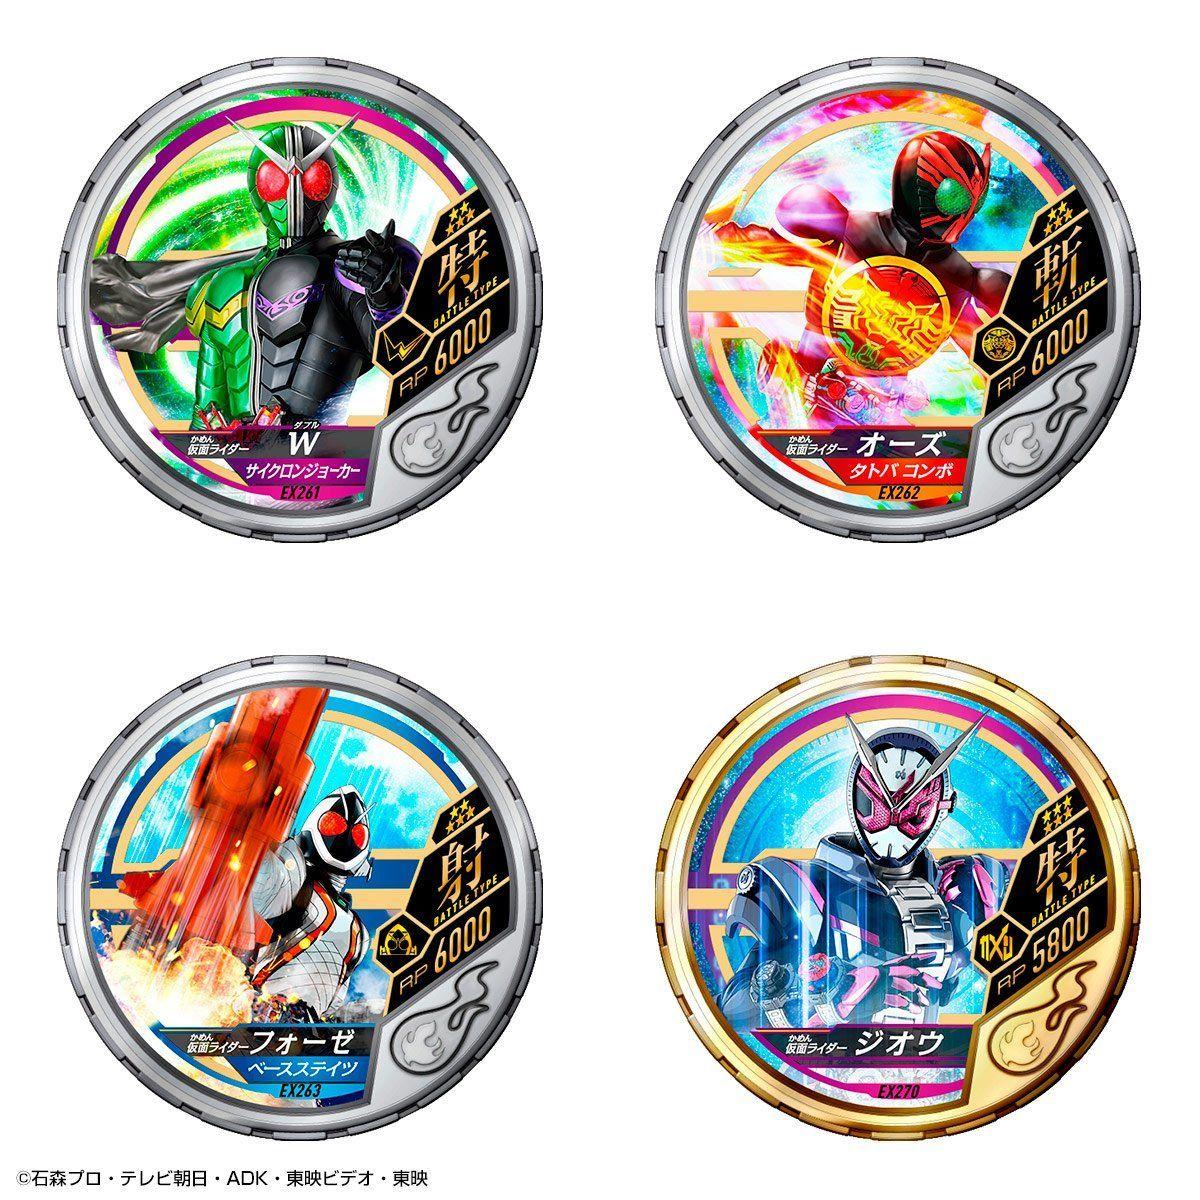 仮面ライダー ブットバソウル『オフィシャルメダルホルダー -20th Anniversary-』-004